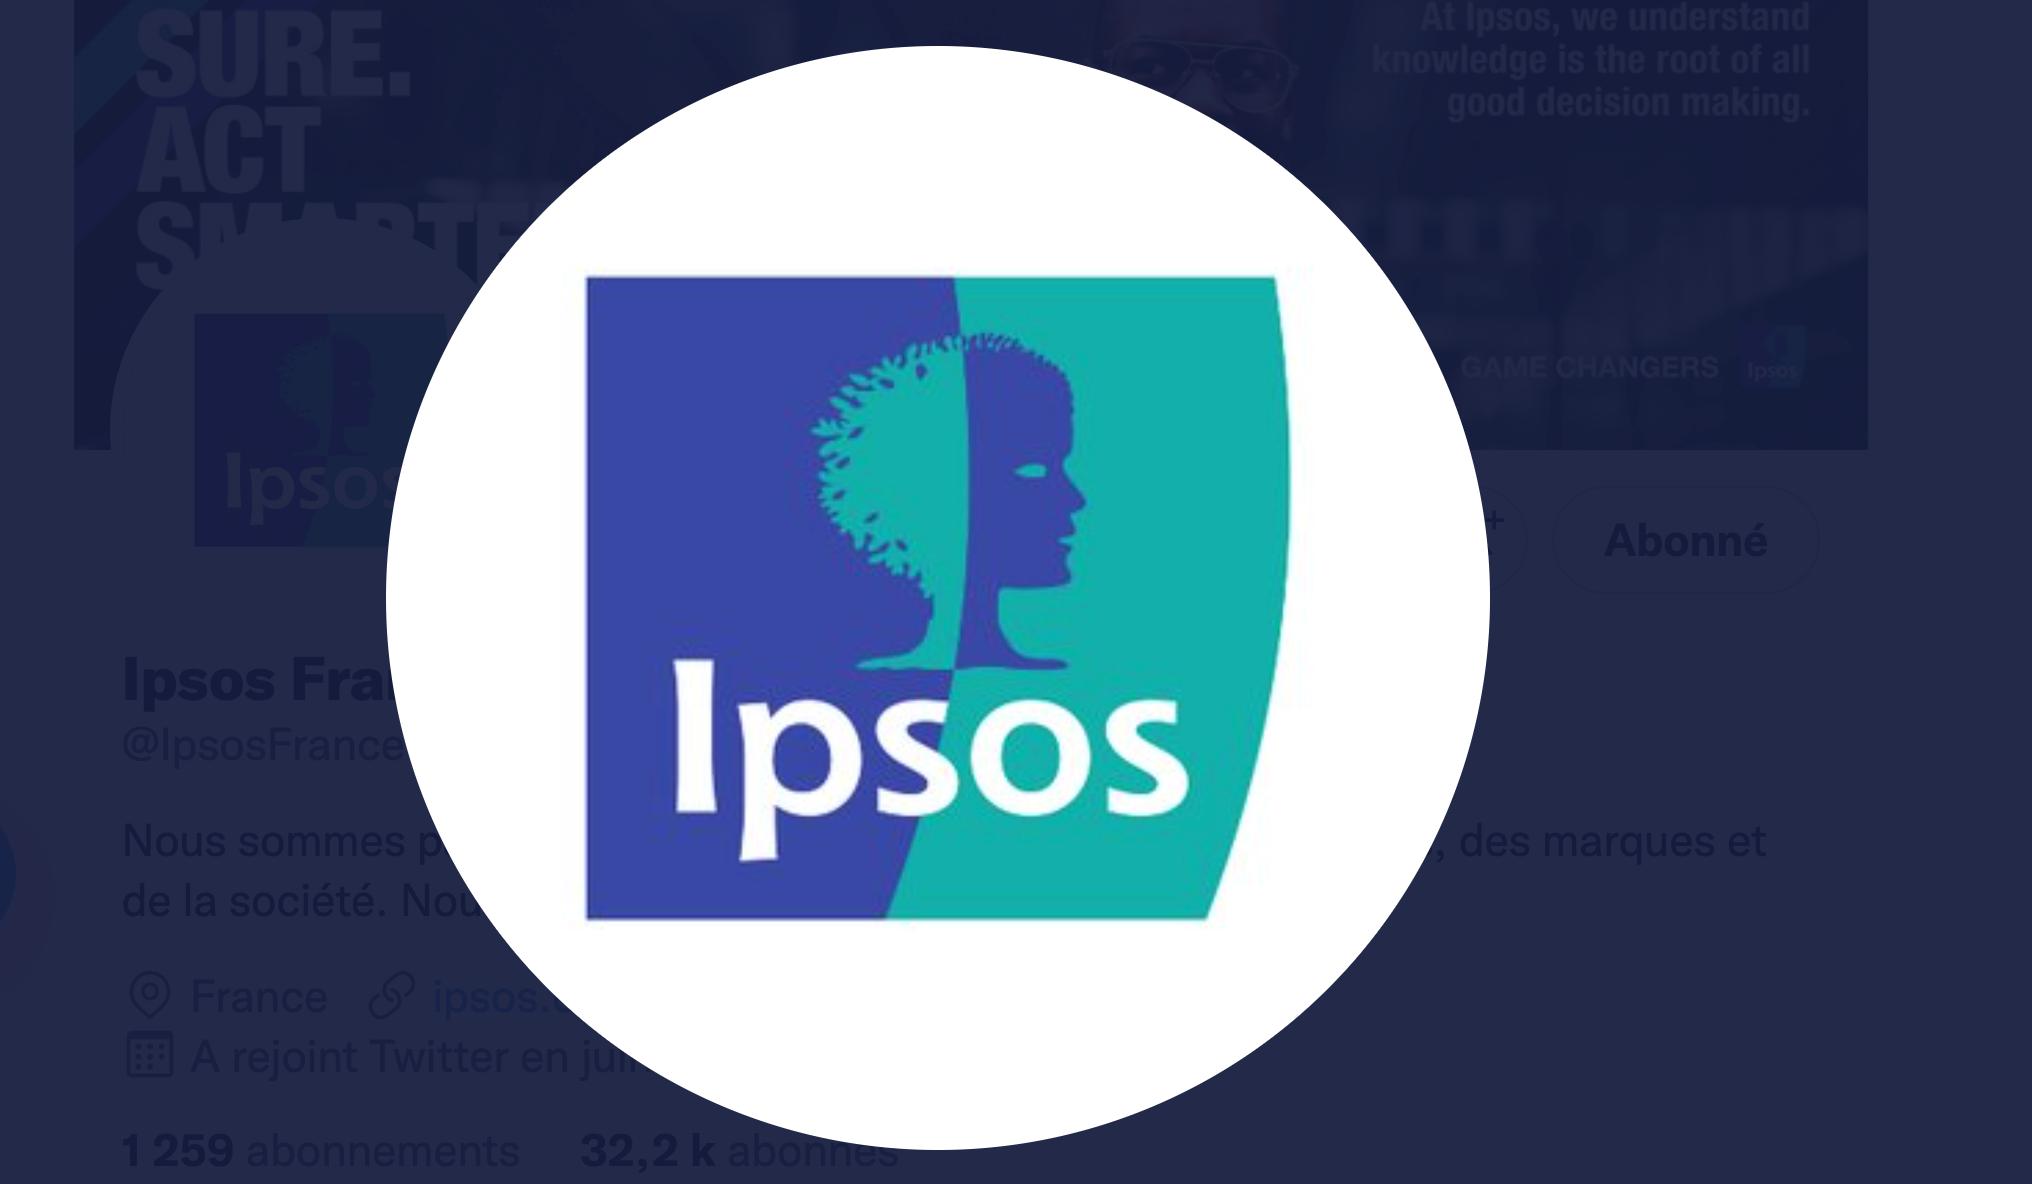 Ipsos-Sopra Steria